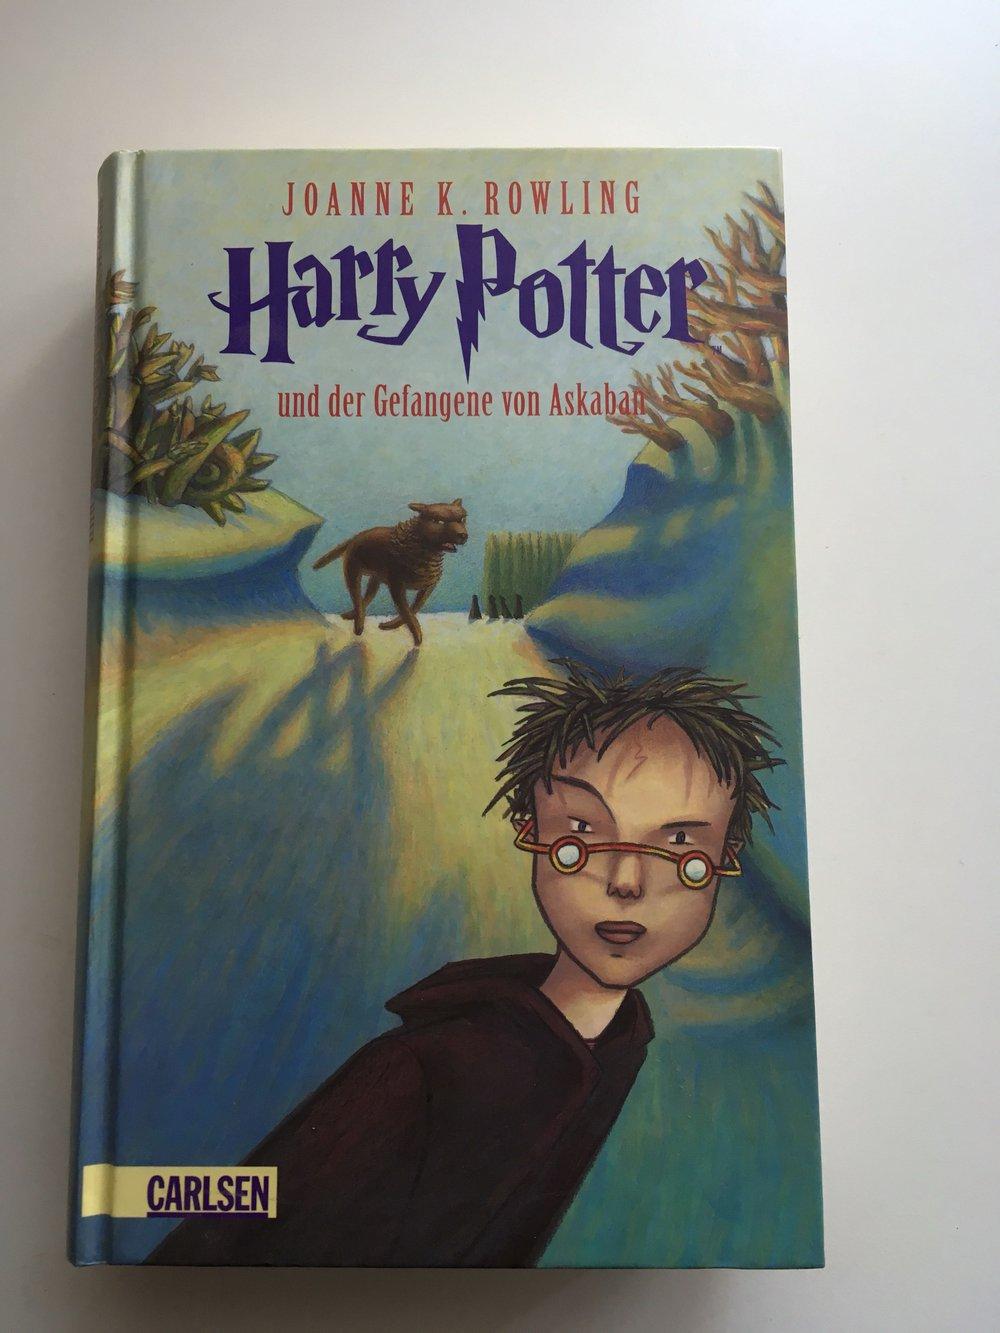 Harry Potter Und Der Gefangene Von Askaban Movie4k